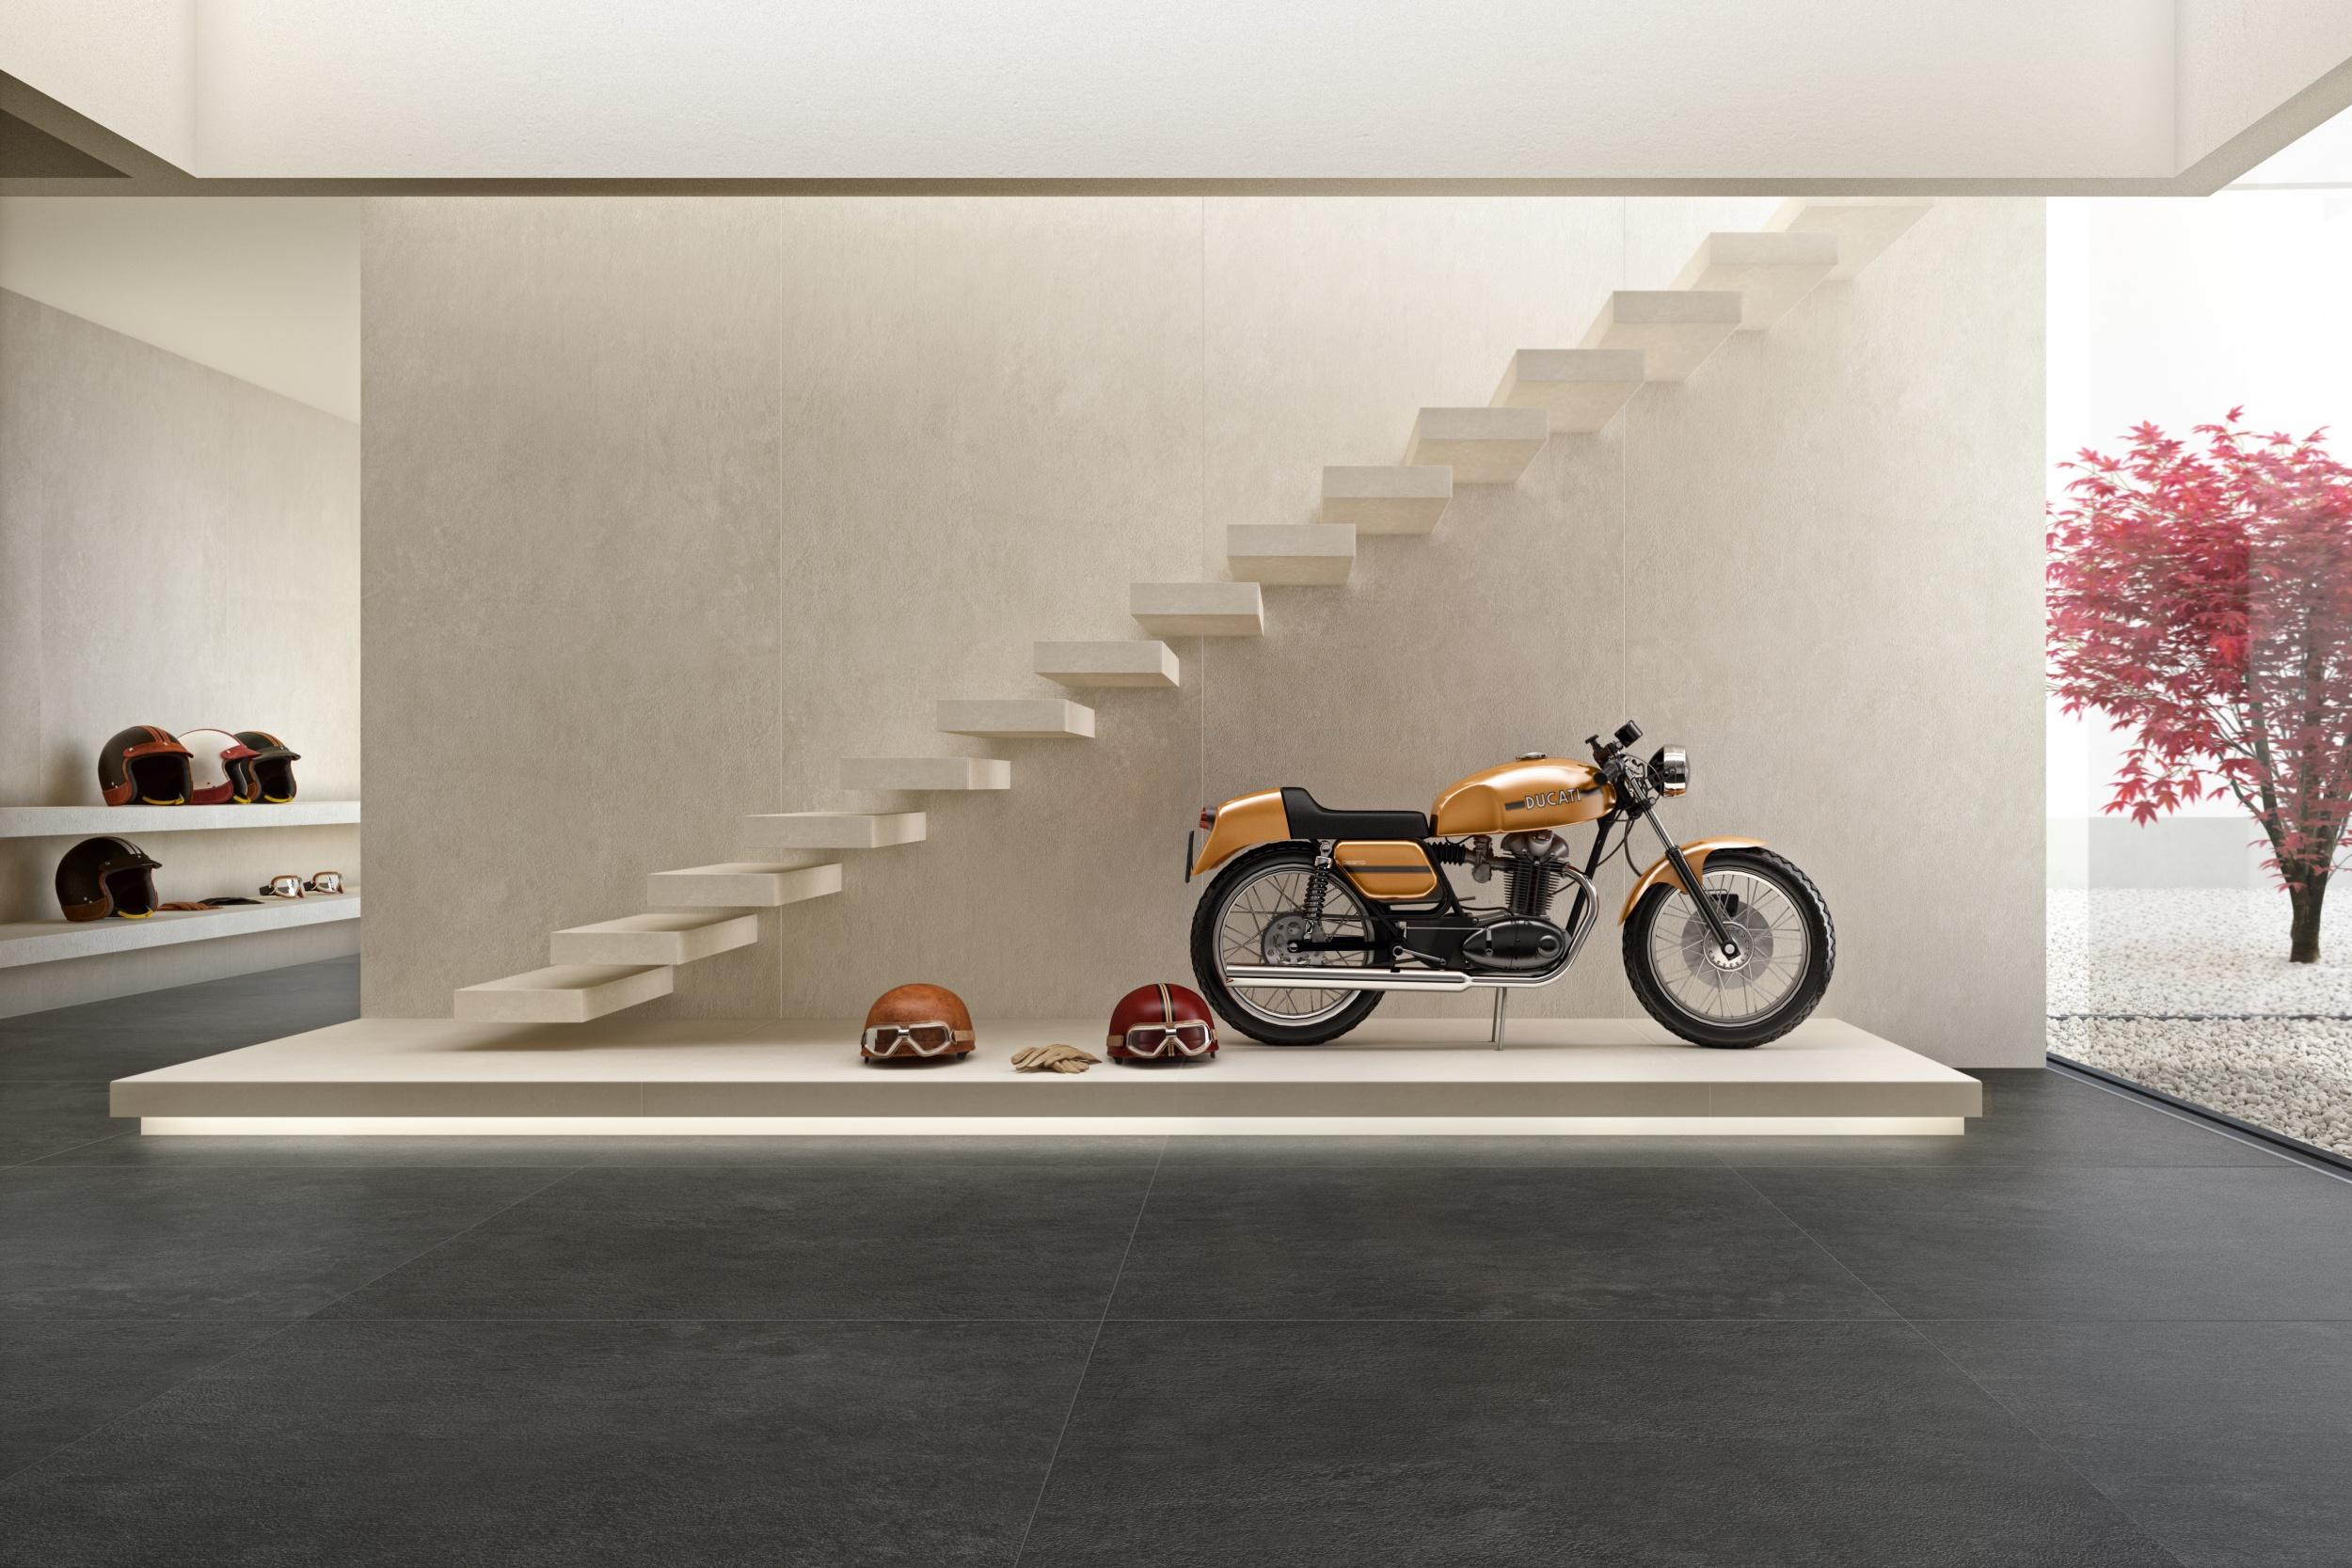 porcelain tile images: Docks range high quality photo